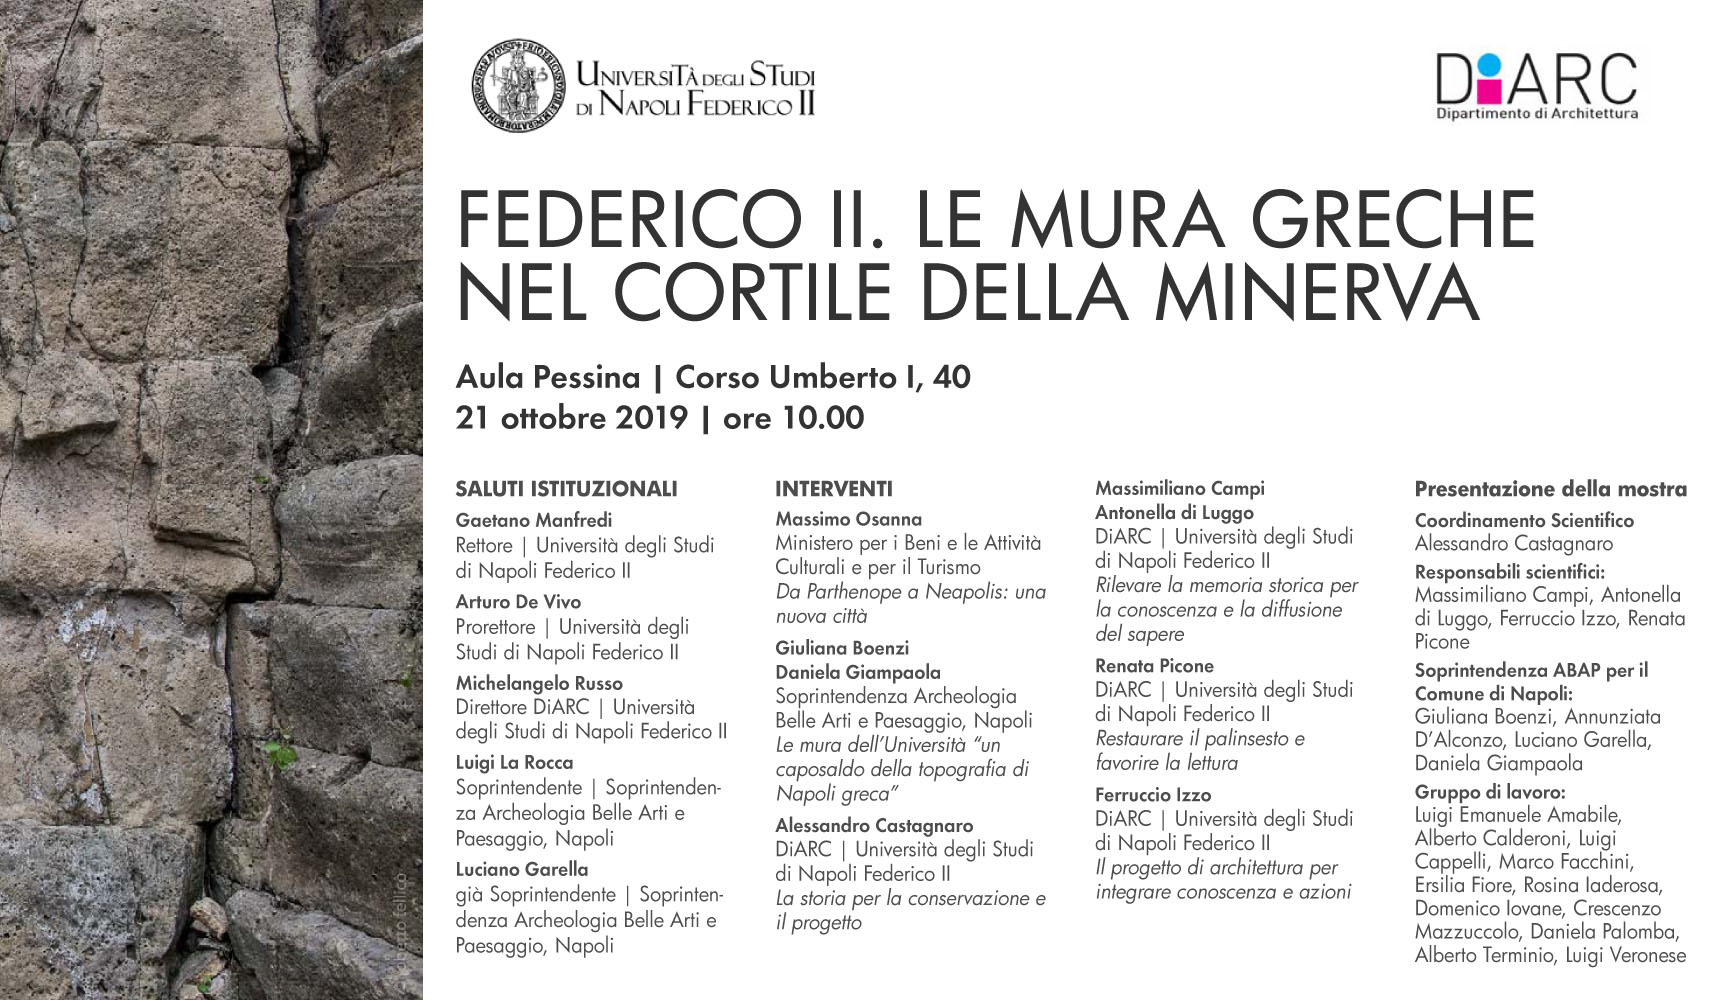 Lavoro Come Architetto Napoli convegno – soprintendenza archeologia belle arti e paesaggio